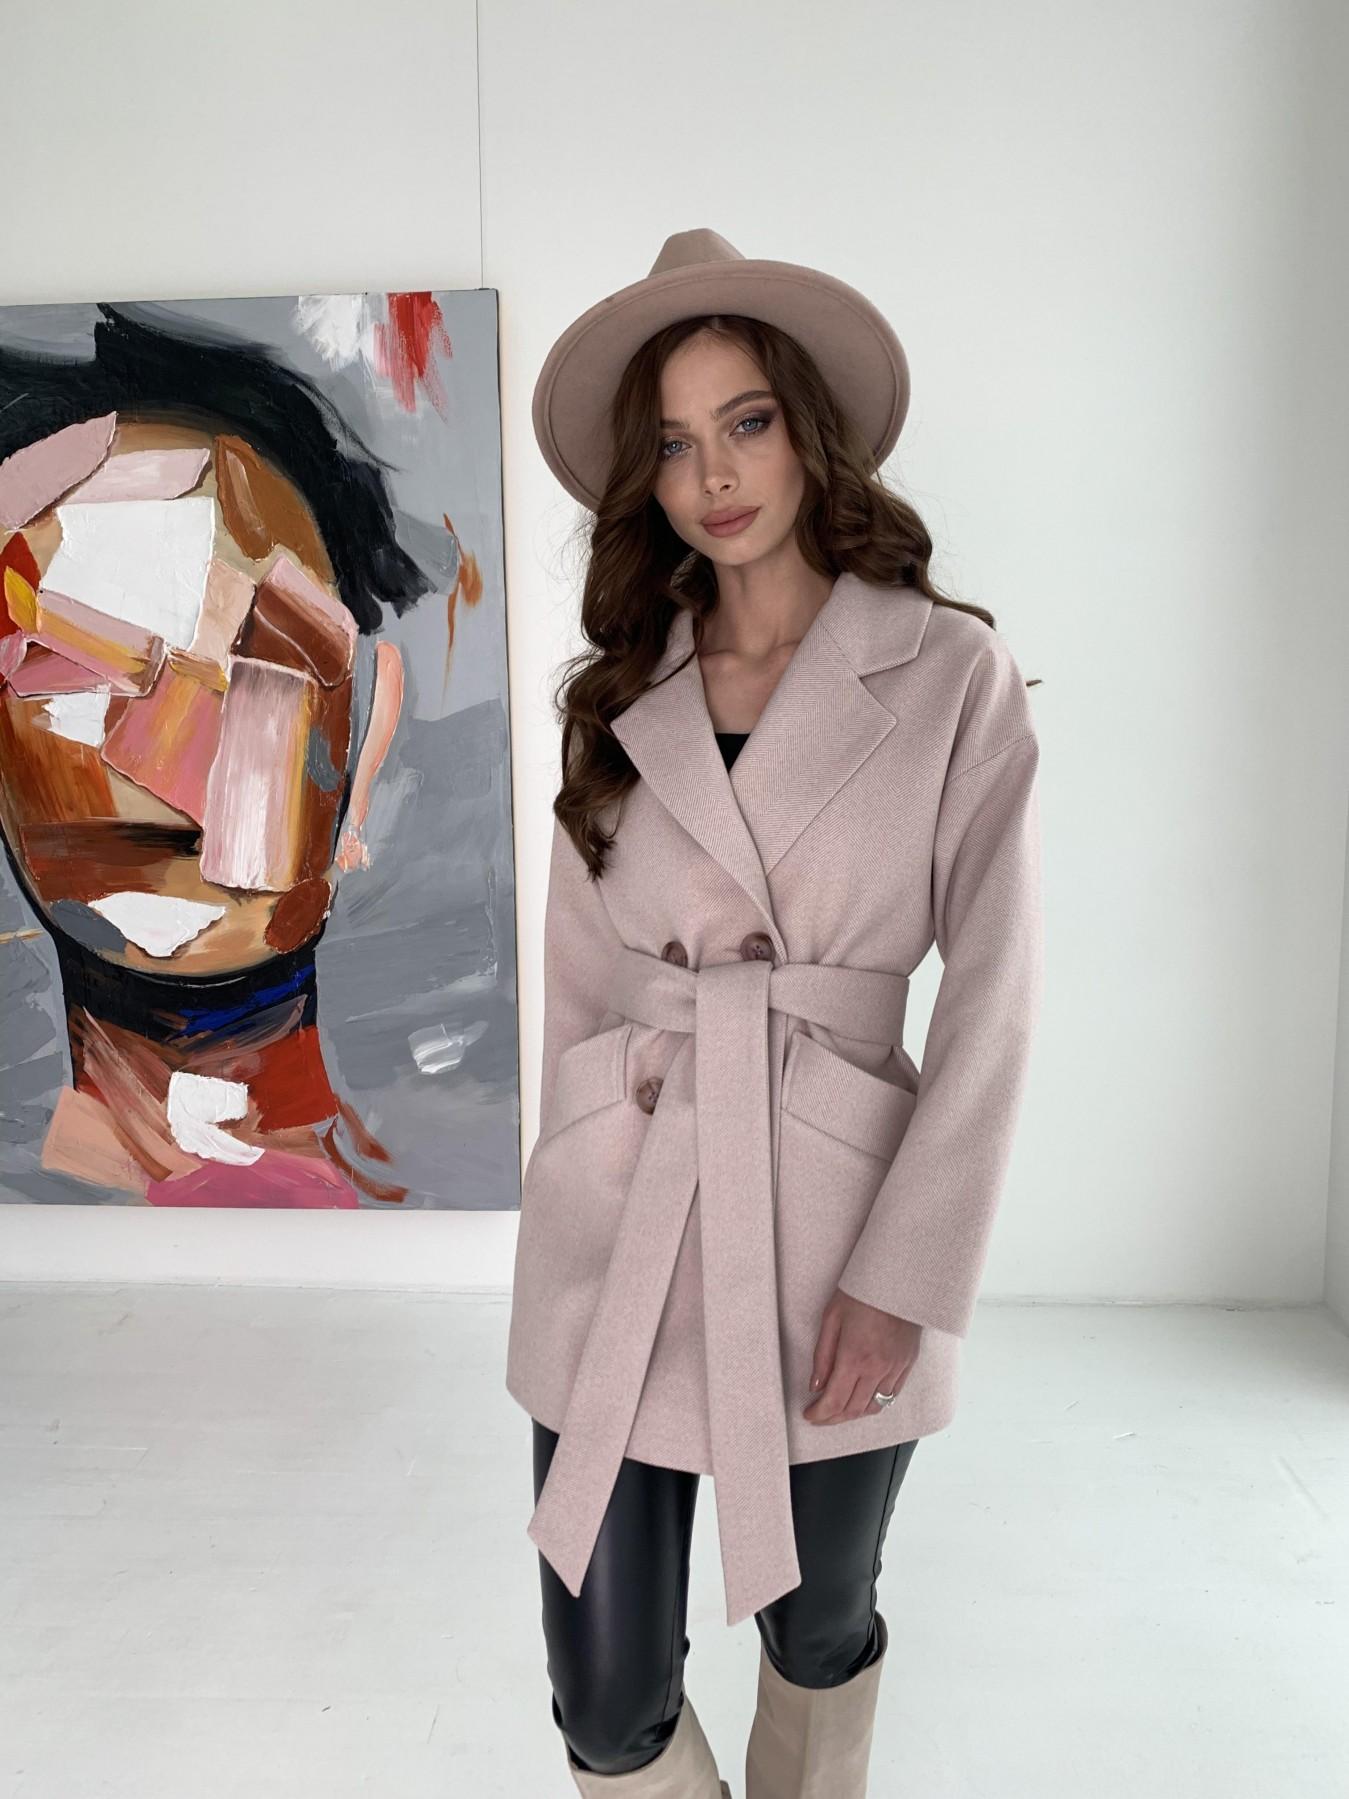 Бонд пальто из пальтовой ткани в мелкую елочку 10640 АРТ. 47007 Цвет: Пудра - фото 9, интернет магазин tm-modus.ru